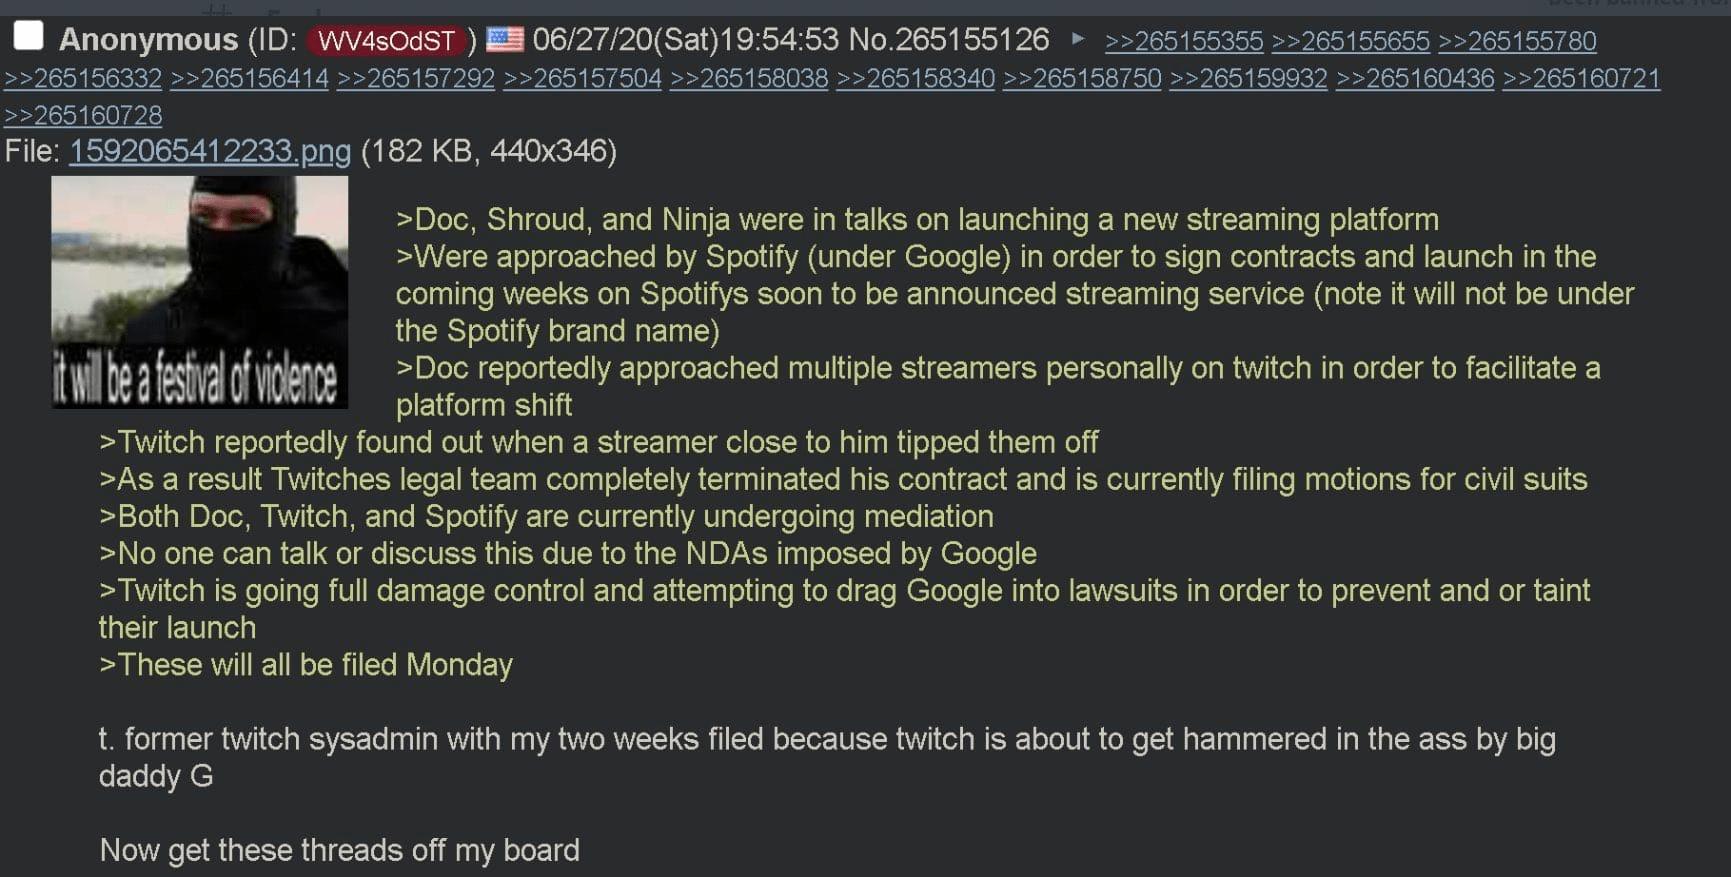 ההודעה מתוך 4chan. בדיחה או מציאות?